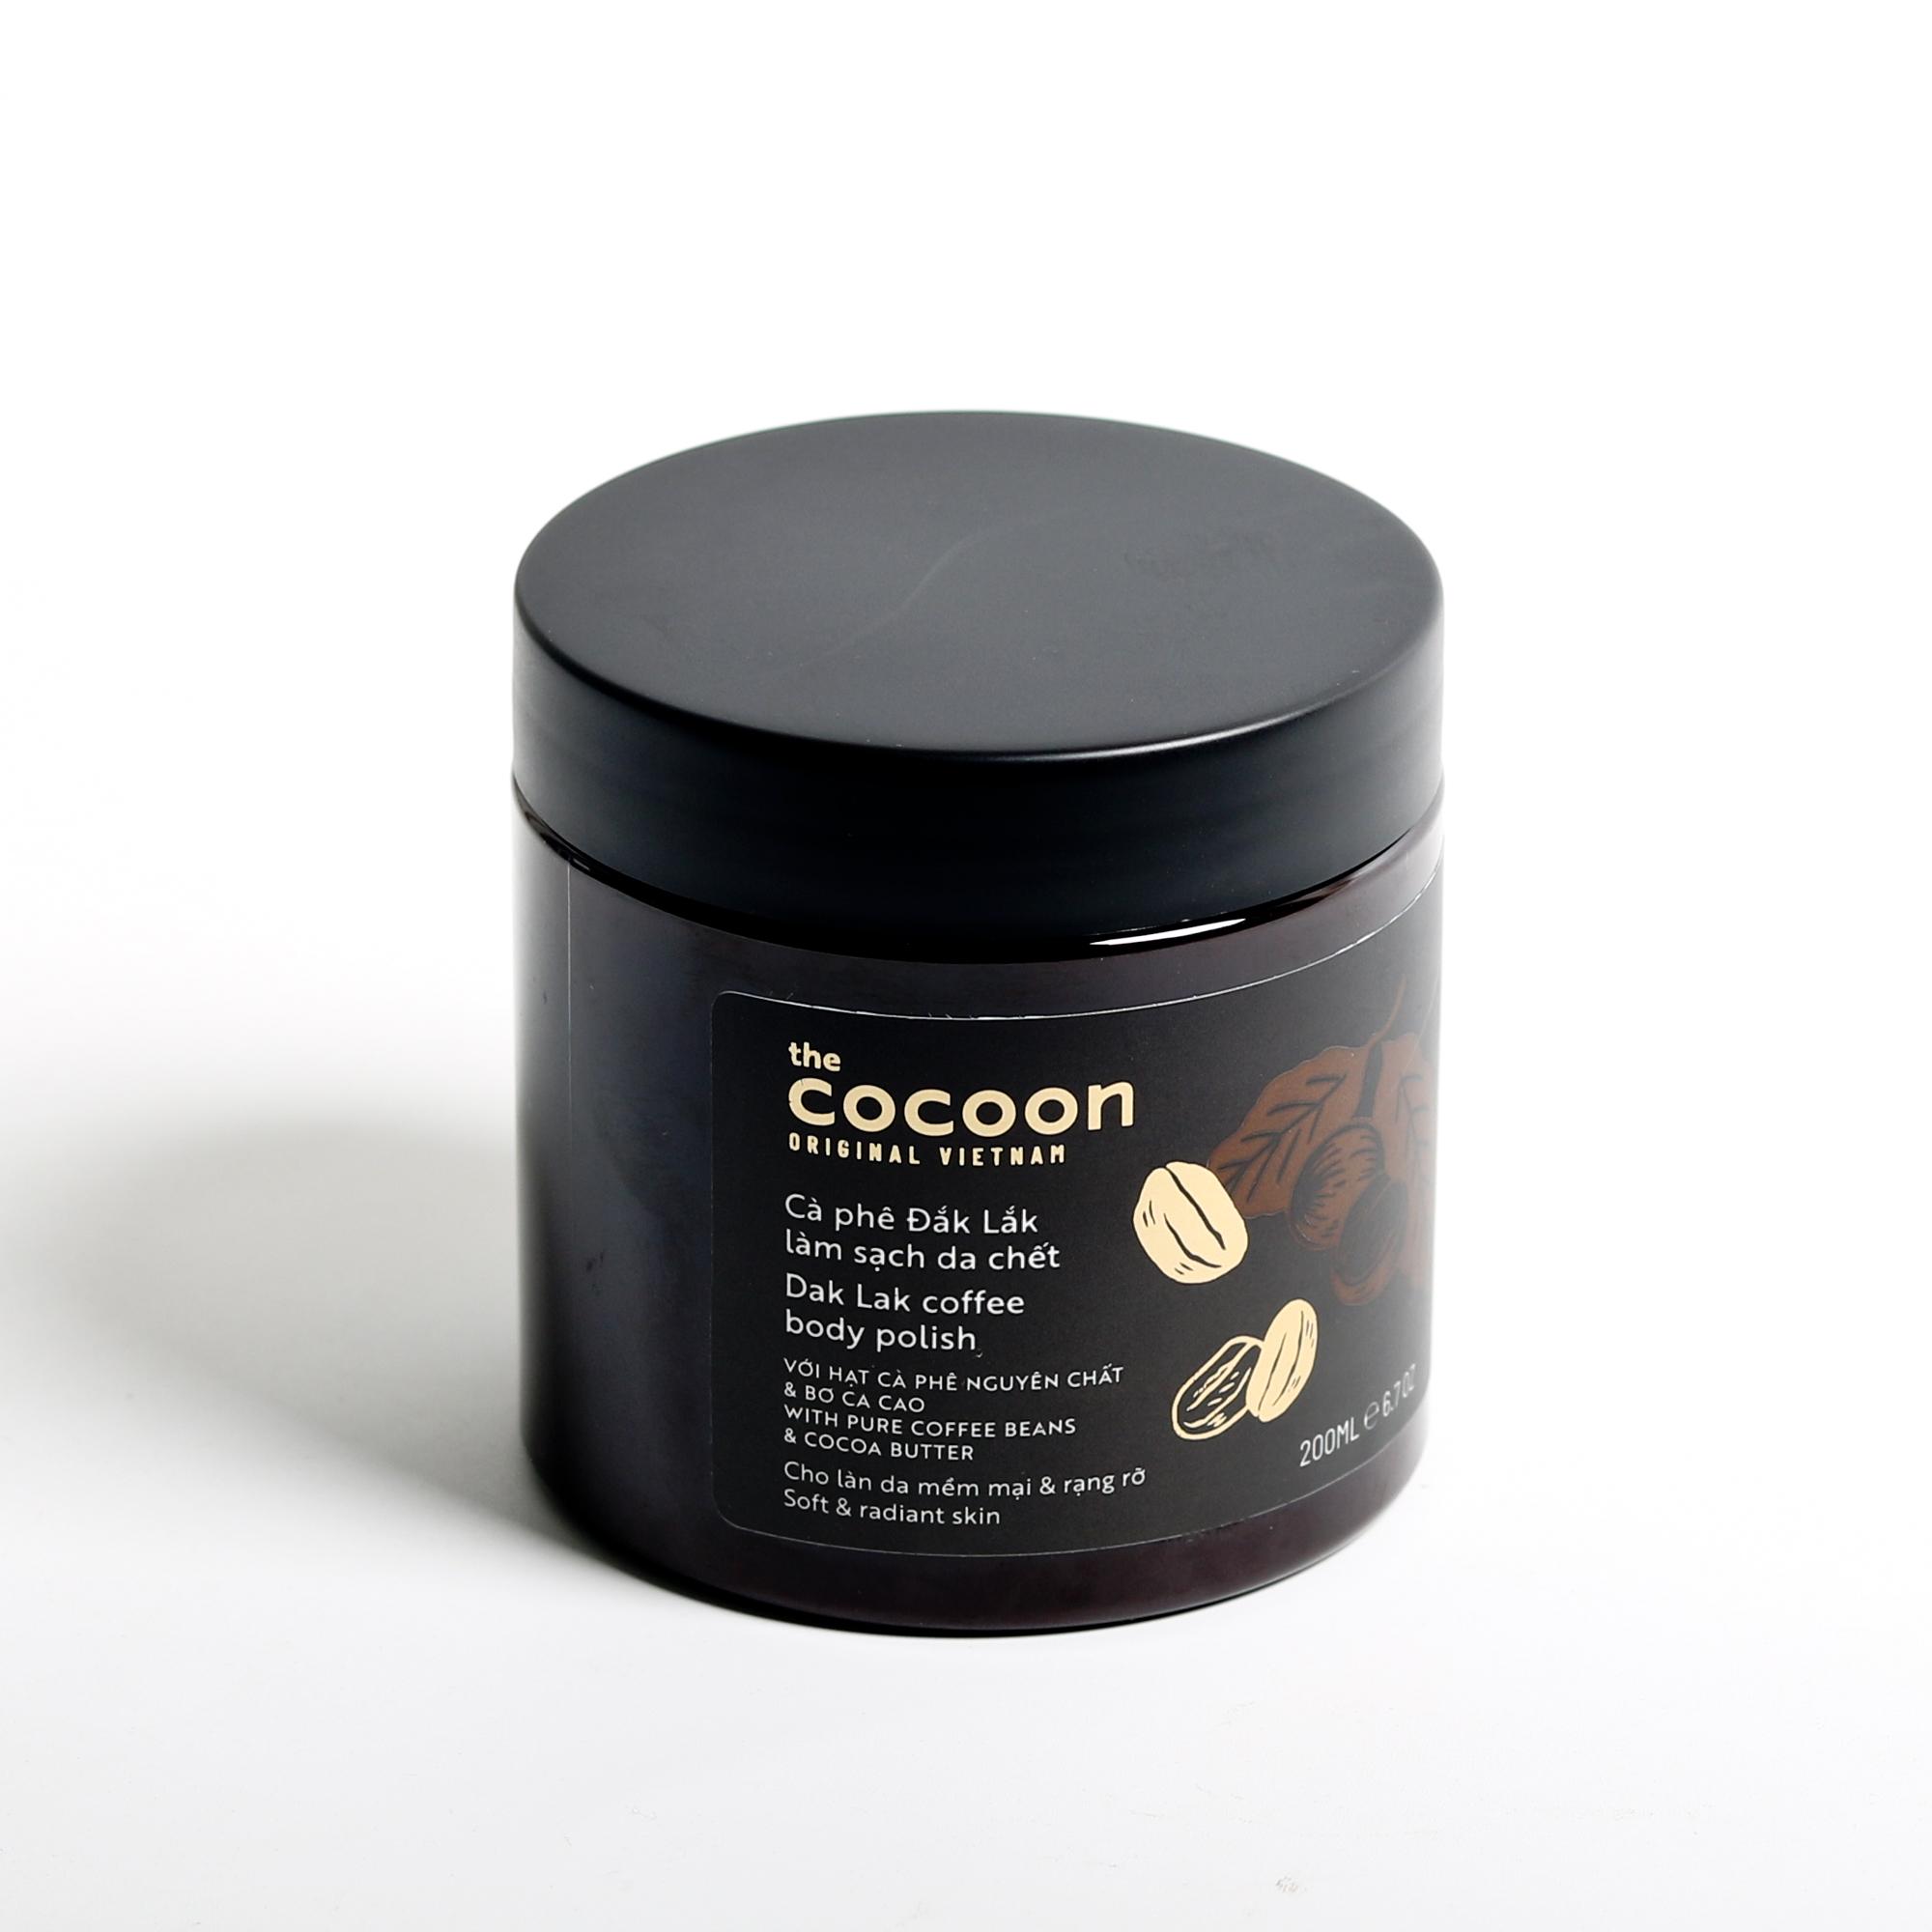 Combo Cà phê đắk lắk sạch da chết cocoon 200ml + Gel rửa mặt bí đao cocoon 140ml